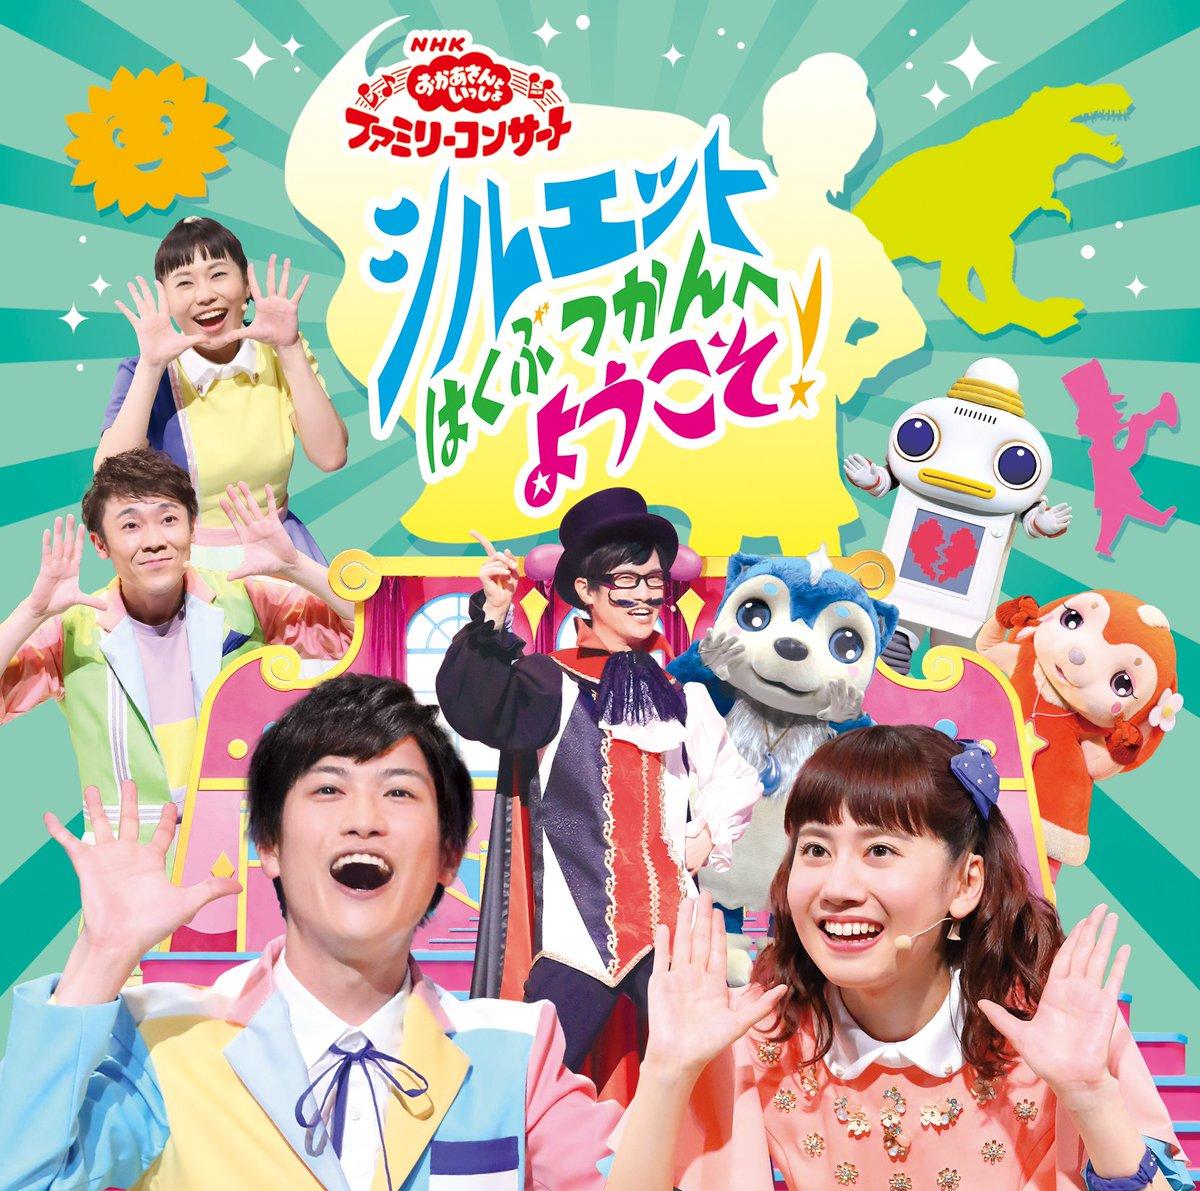 NHK おかあさんといっしょファミリーコンサート シルエットはくぶつかんへようこそ!に関する画像9